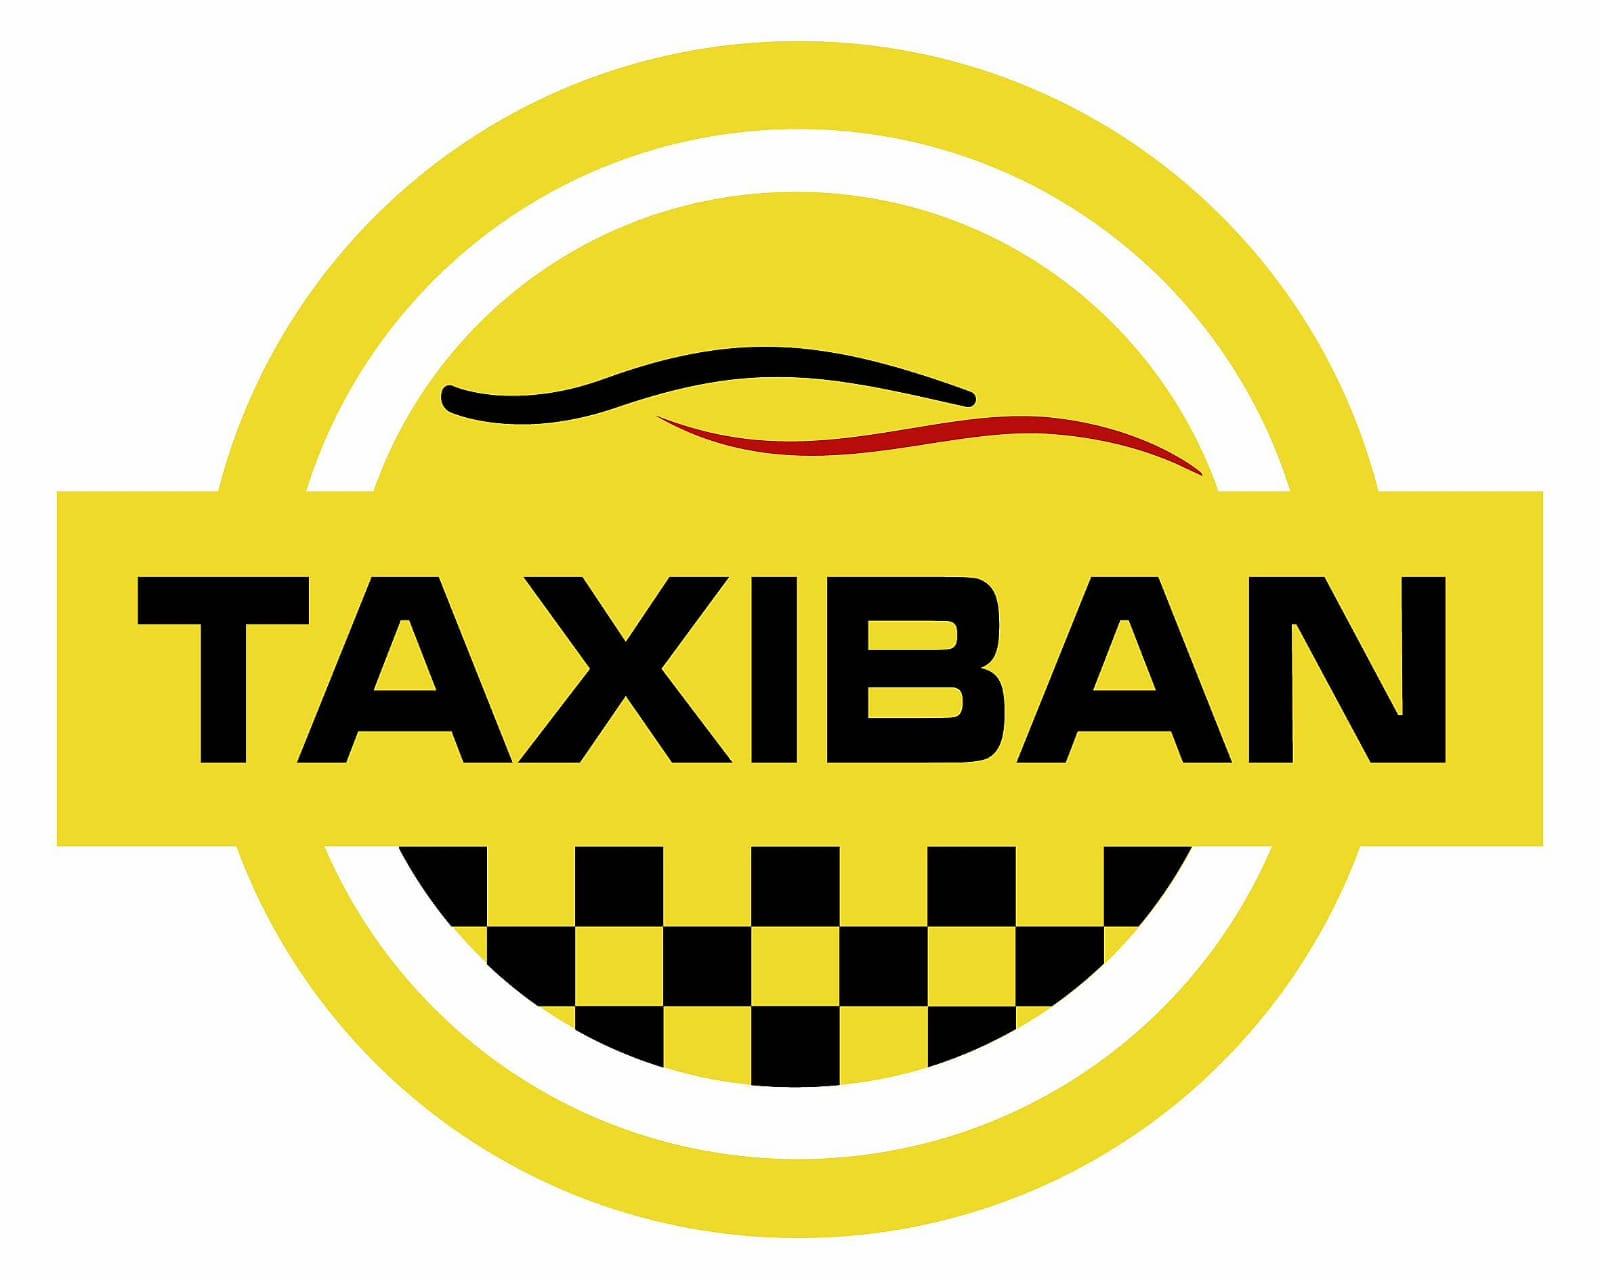 Taxi Ayora 24h Taxiban